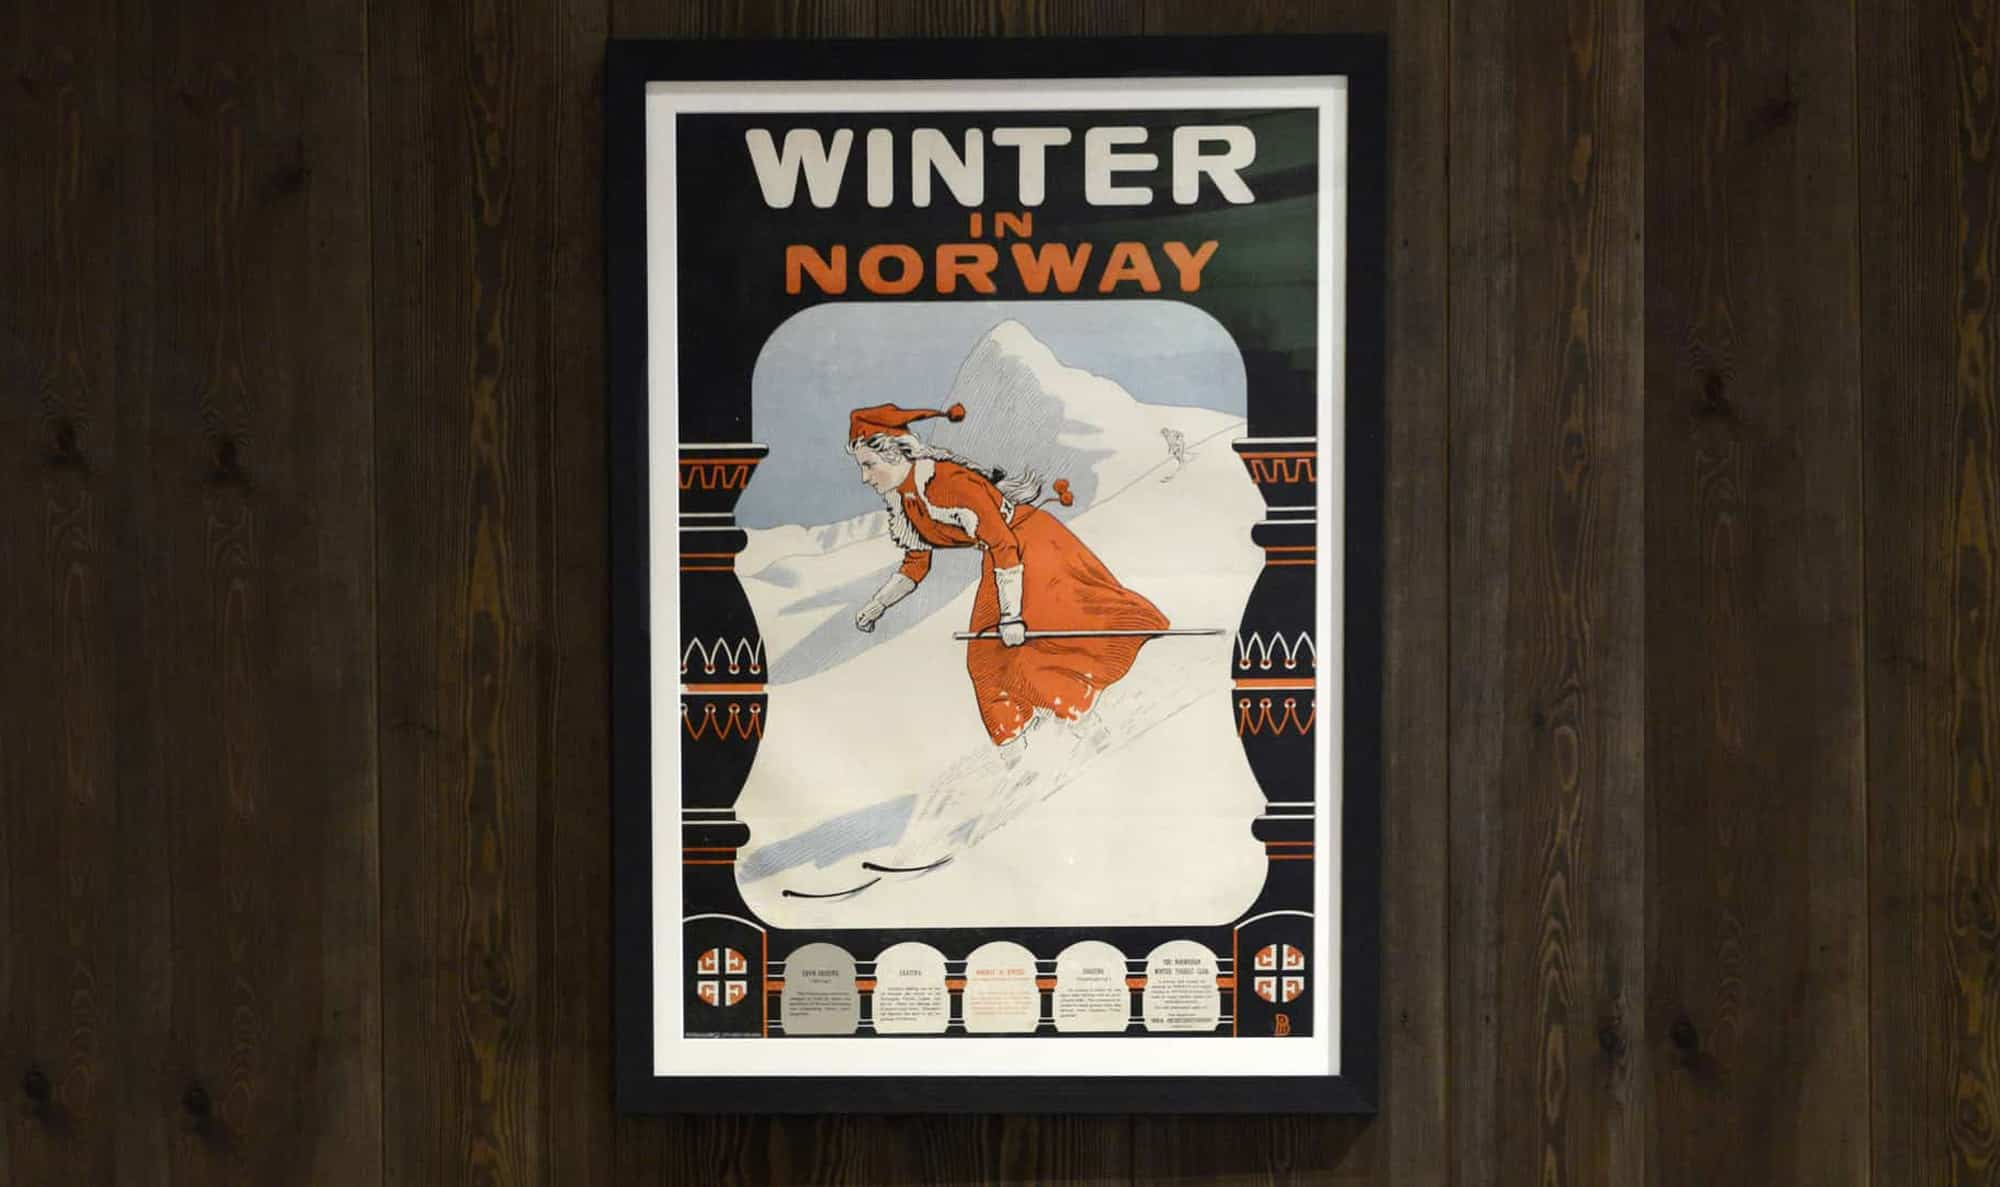 The Gundersen Collection har i dag har en av de største private samlingene med kunstplakater med norske vintersportmotiv. Fra før 1907 og opp til i dag.